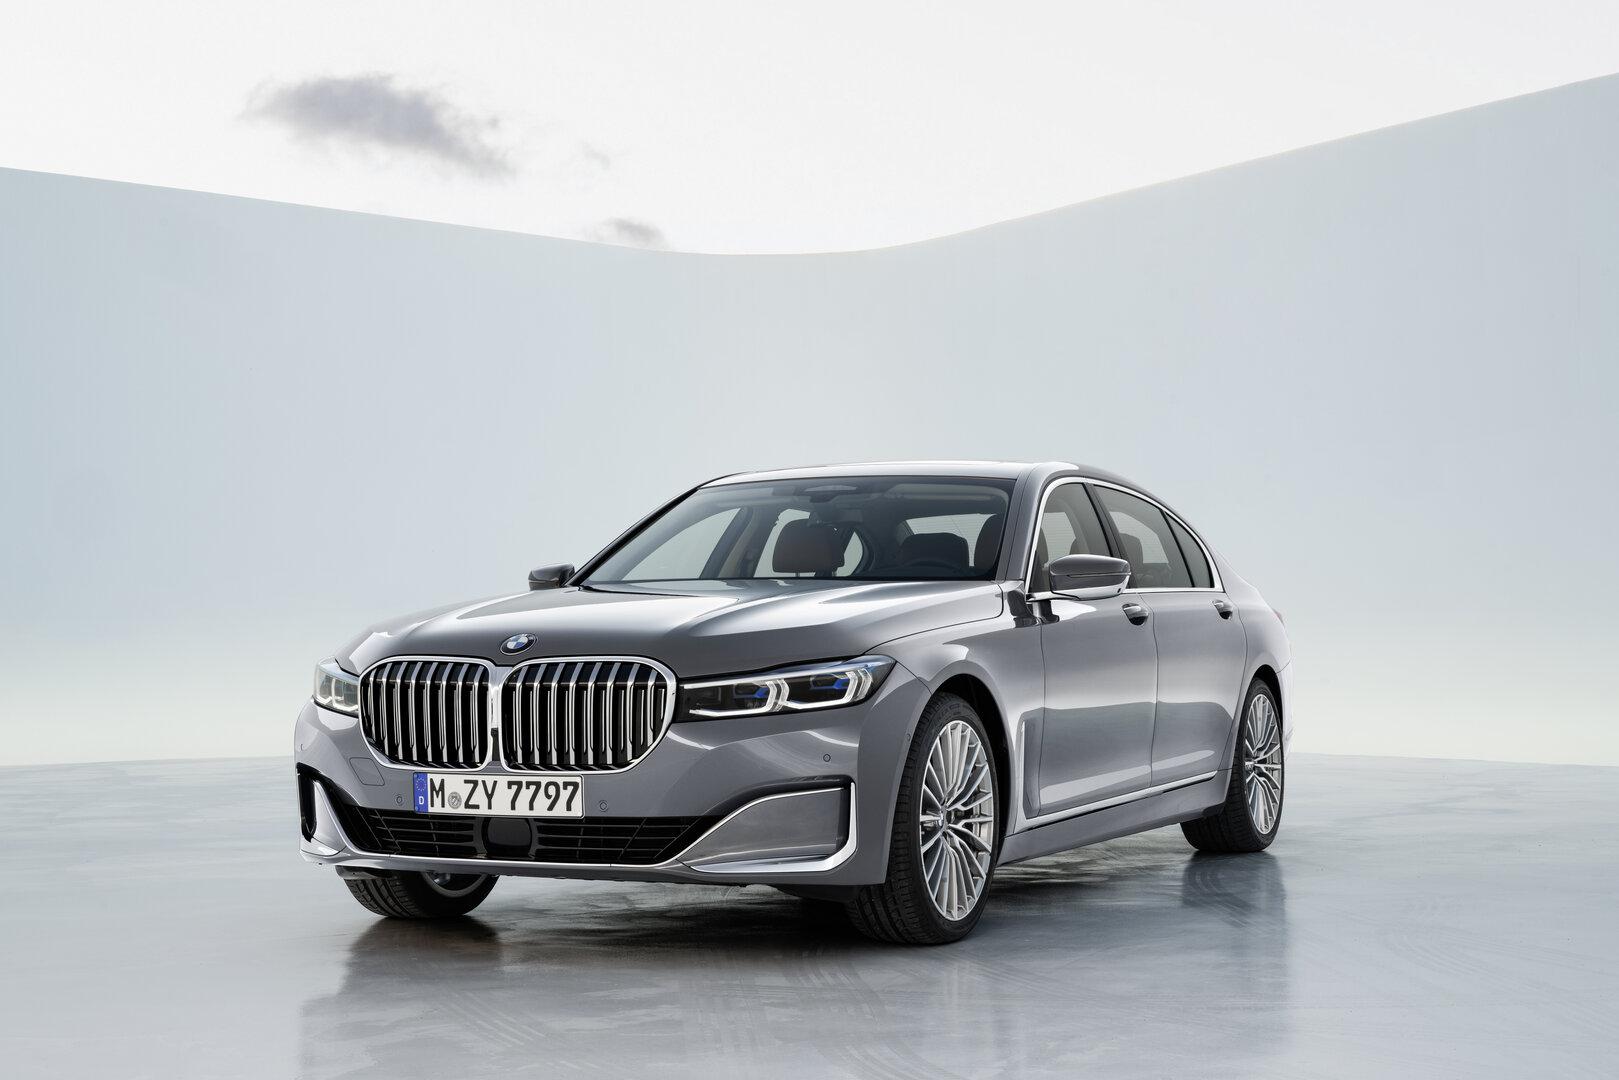 BMW 7er G11/G12 LCI